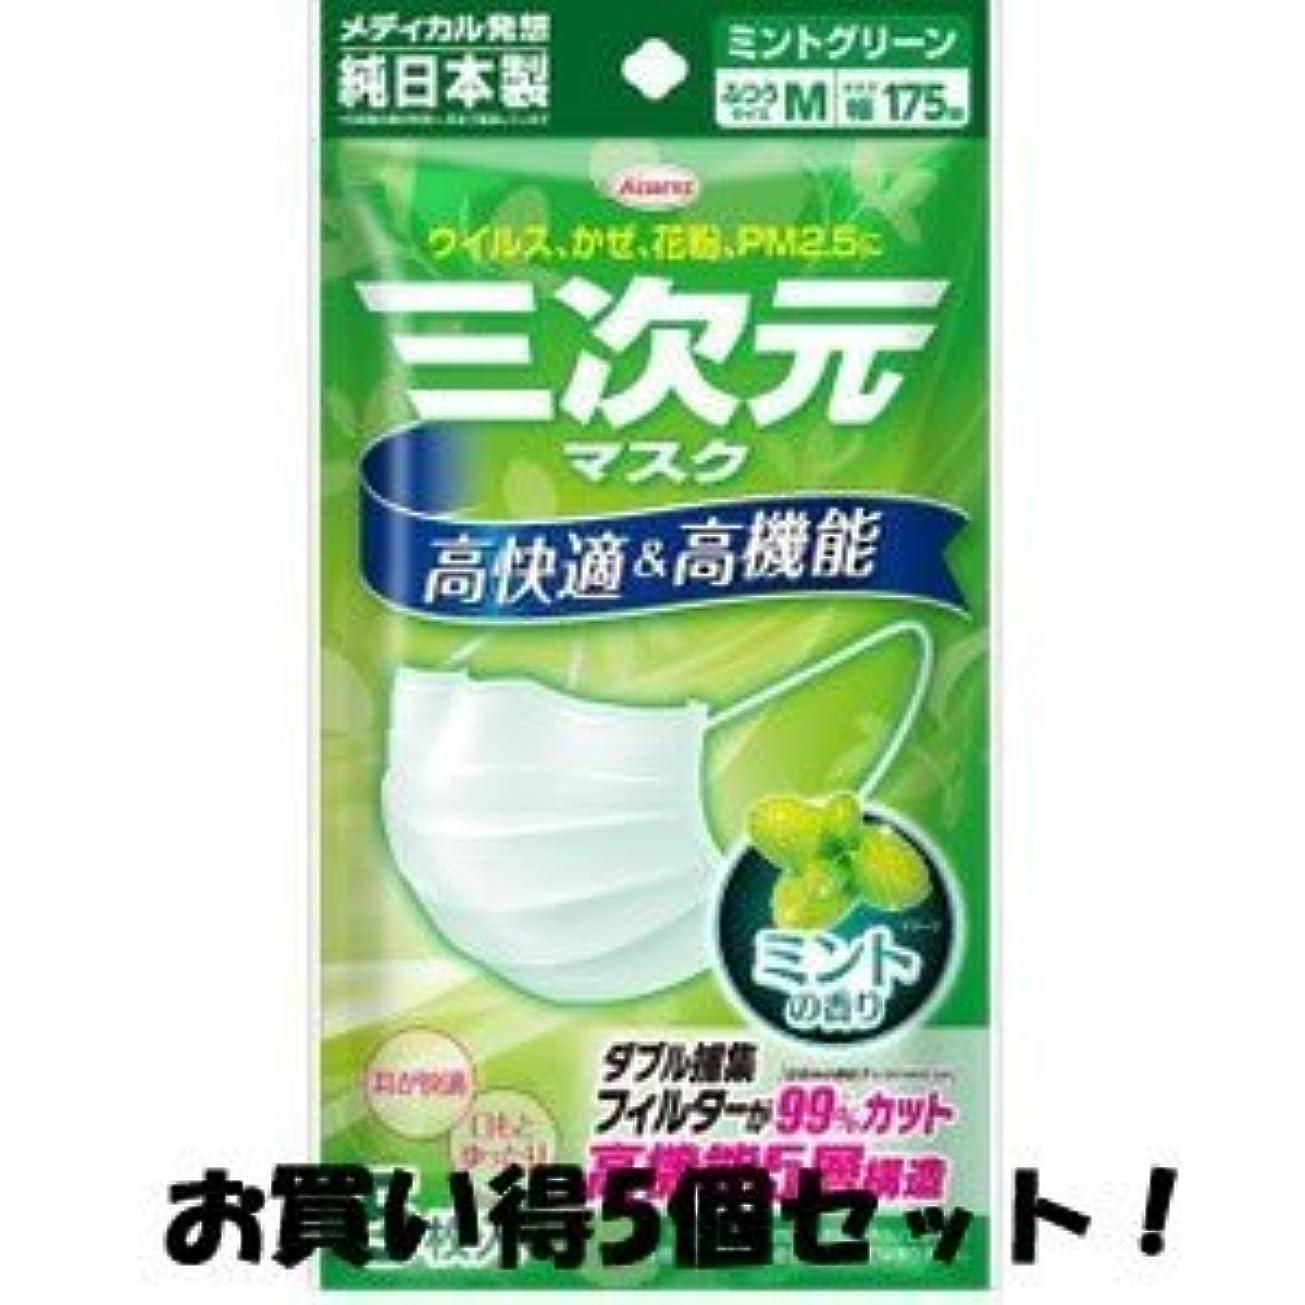 鉛筆間違い謝る(興和新薬)三次元マスク ミントの香り グリーン ふつうMサイズ 5枚入(お買い得5個セット)